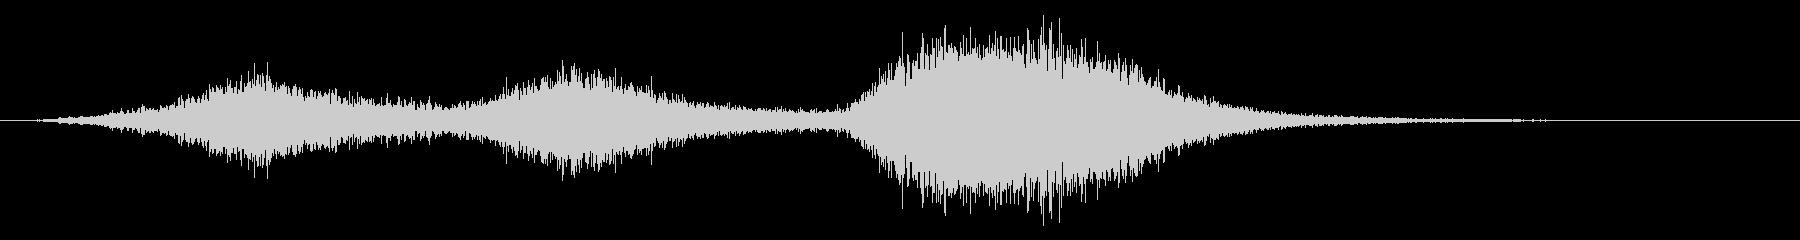 マレボレントスピリット5の未再生の波形